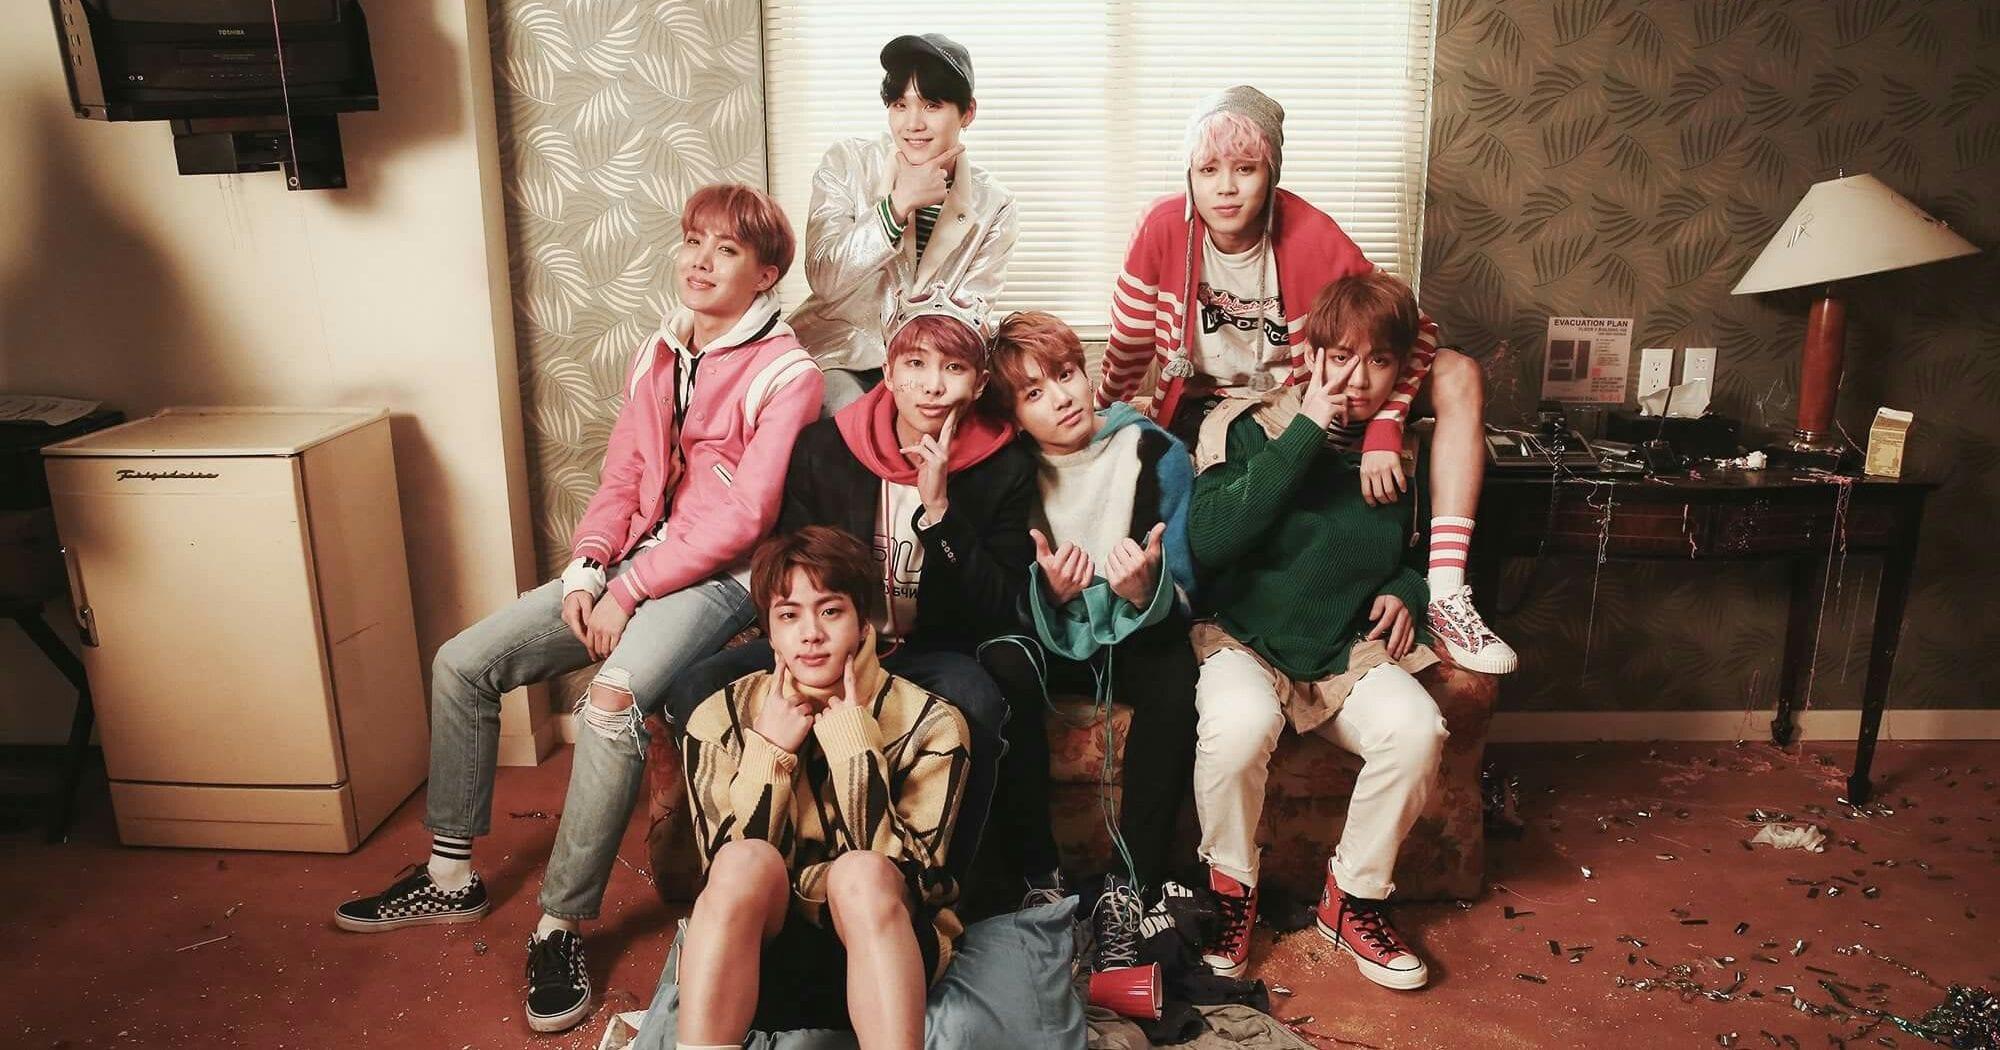 BTS Confirms September Comeback